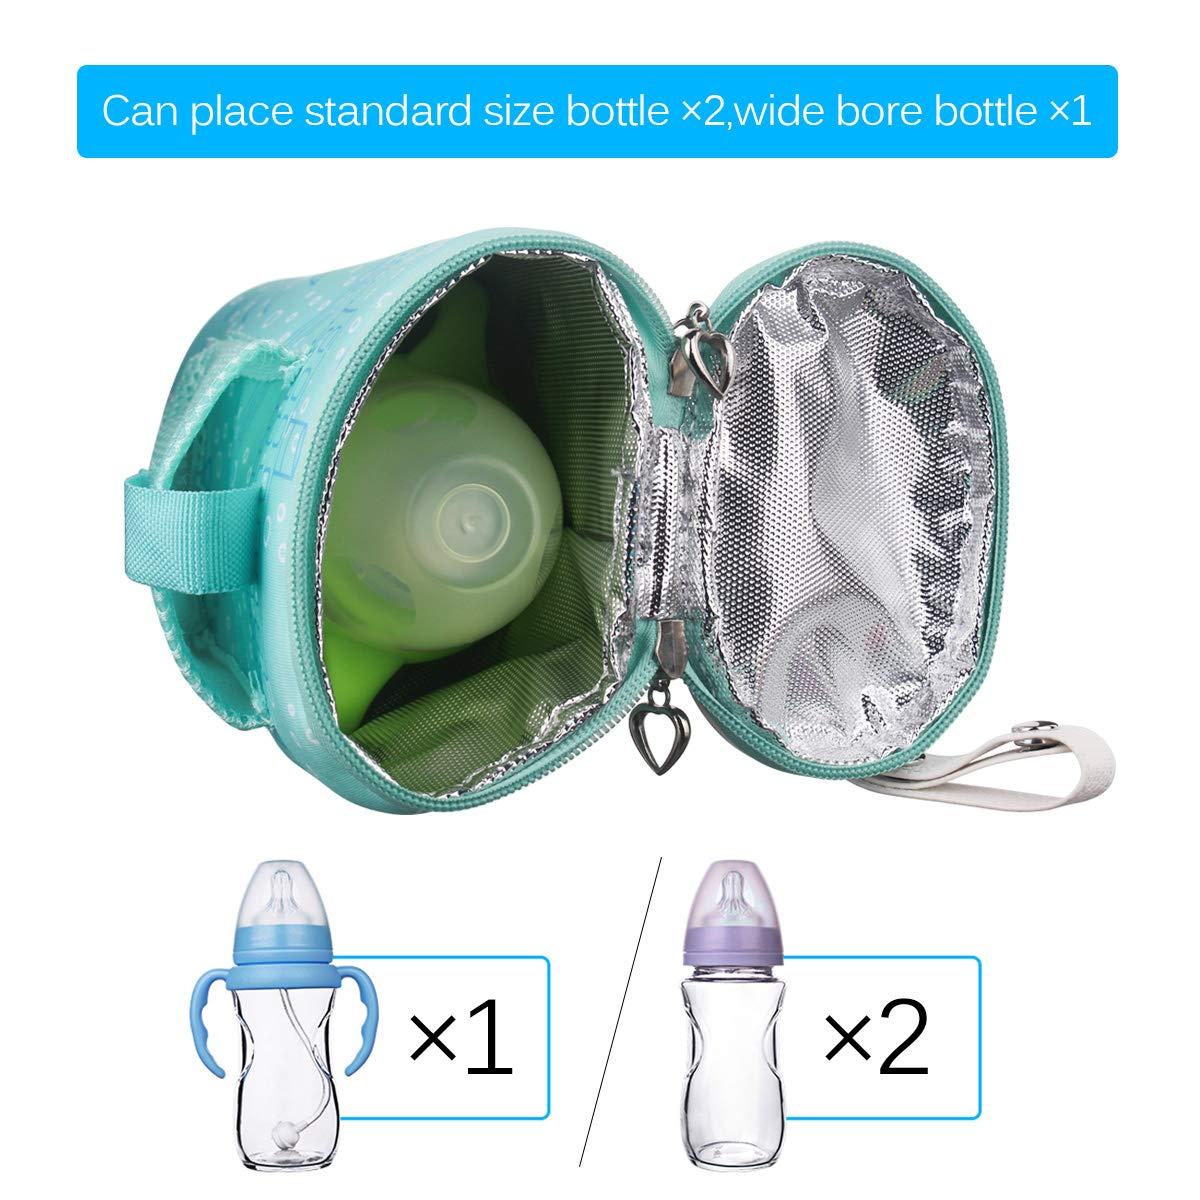 Reisebecher Milchw/ärmer F/ütterungs Krankenpflege Flasche Isolierte Aufbewahrungstasche USB Aufladung tragbare Baby S/äuglingsflaschen Heizung ALLOMN Flaschenw/ärmer Tasche